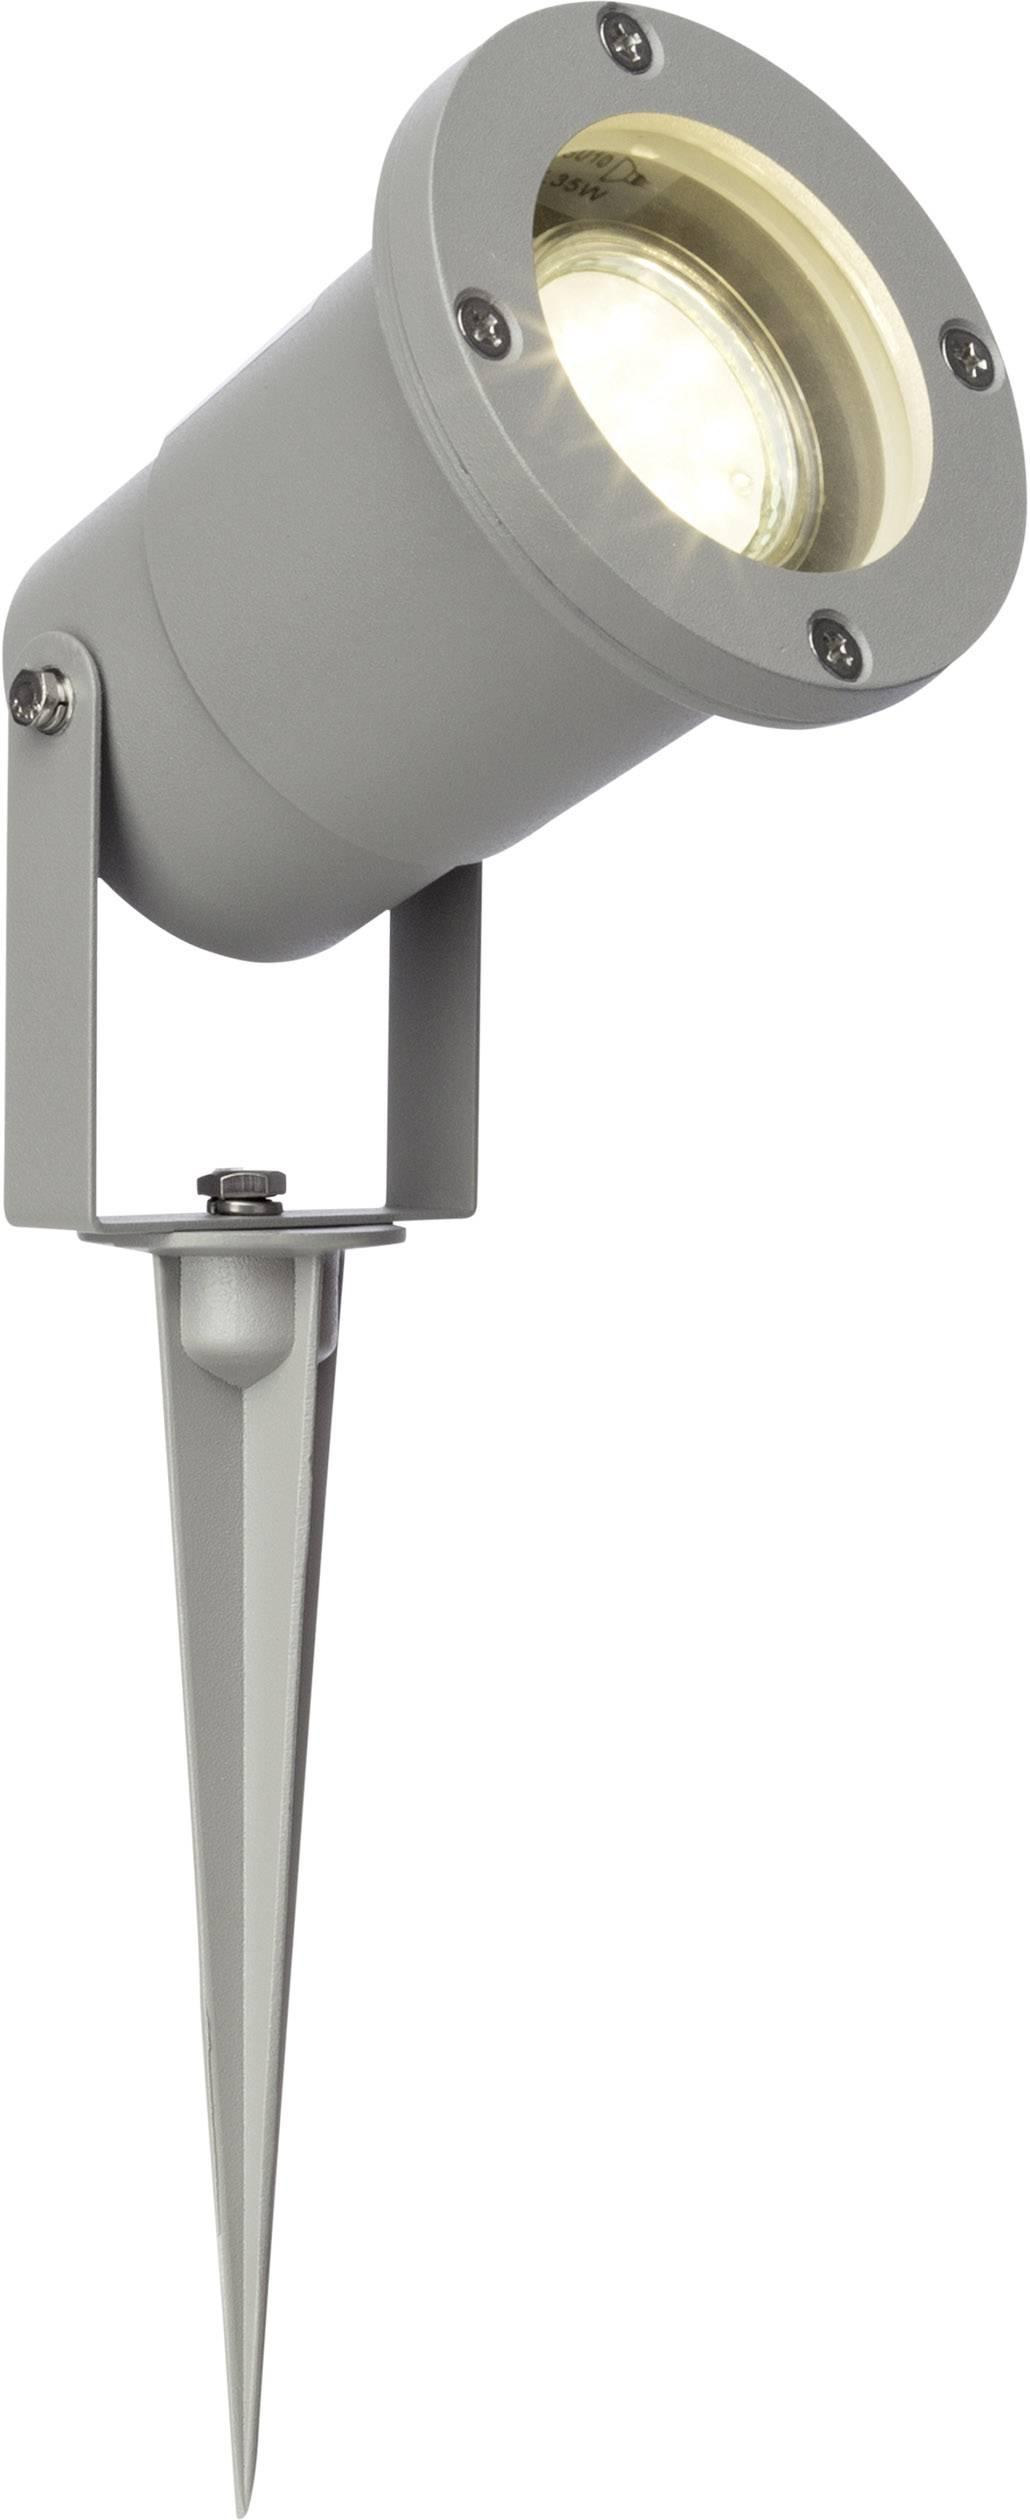 LED zahradní reflektor Brilliant Janko G96232/22, GU10, 3 W, šedá